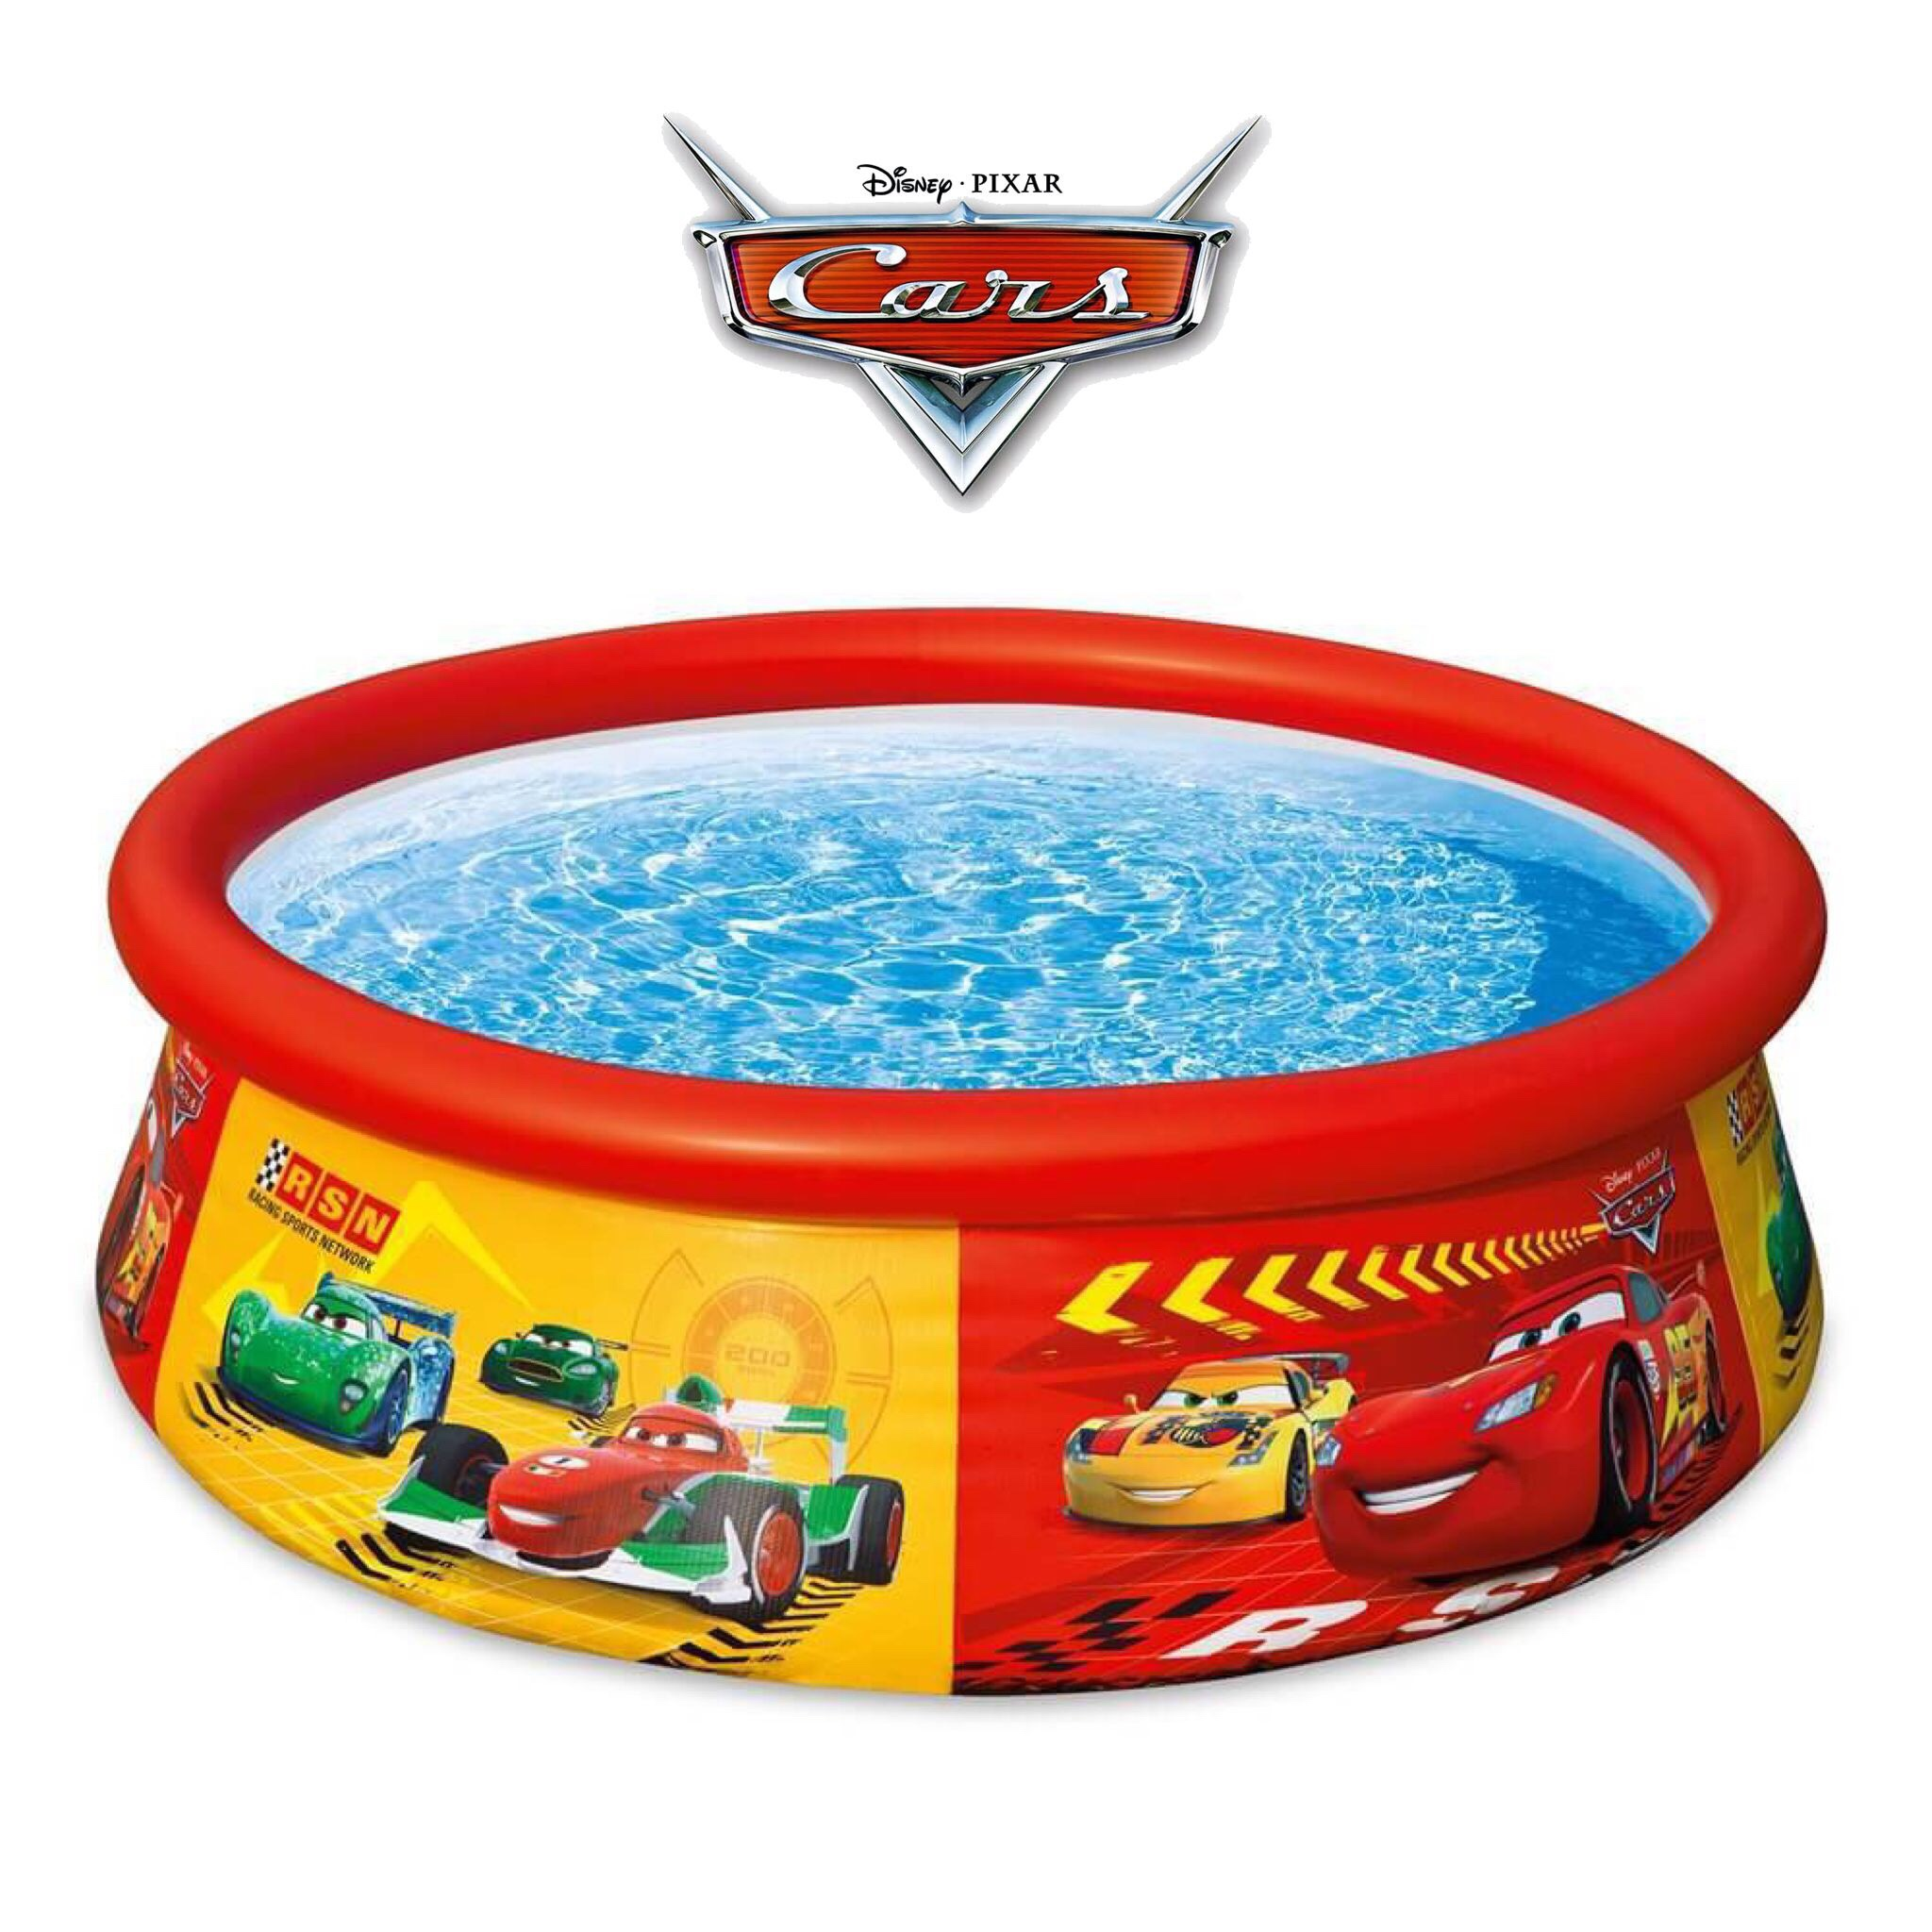 สระน้ำเป่าลมสำหรับเด็ก Intex Disney Cars Easy Set Pool